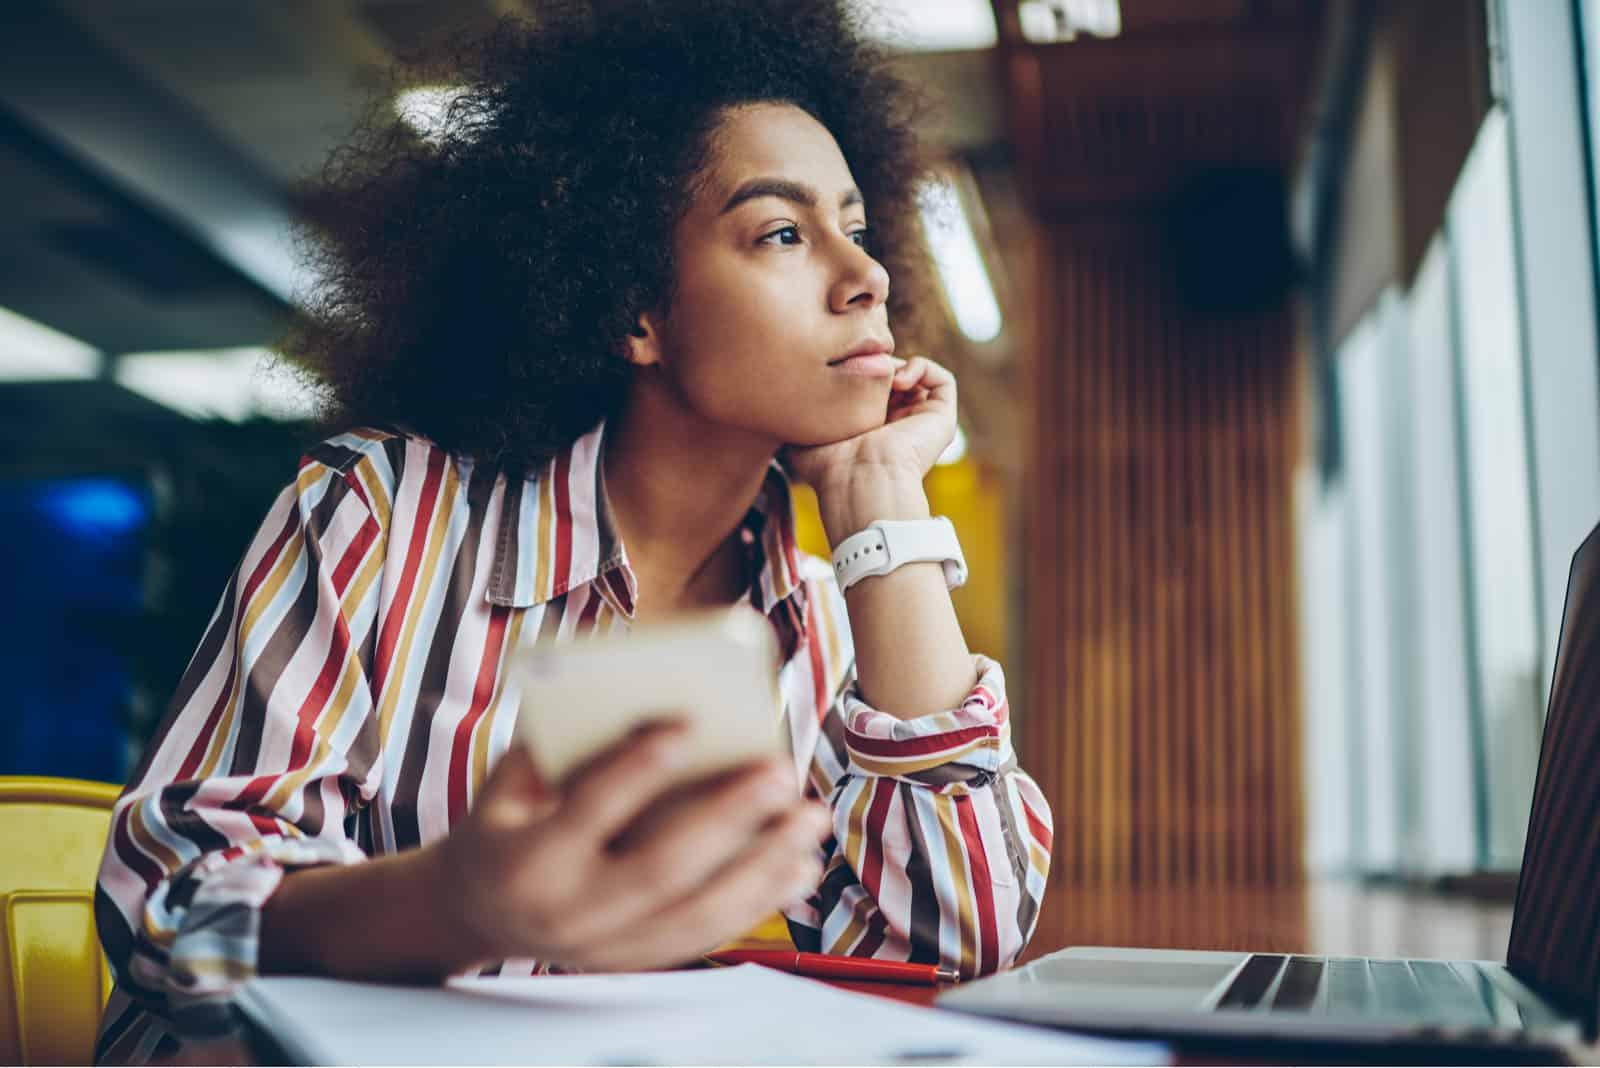 la femme imaginaire est assise et tient le téléphone en détournant les yeux